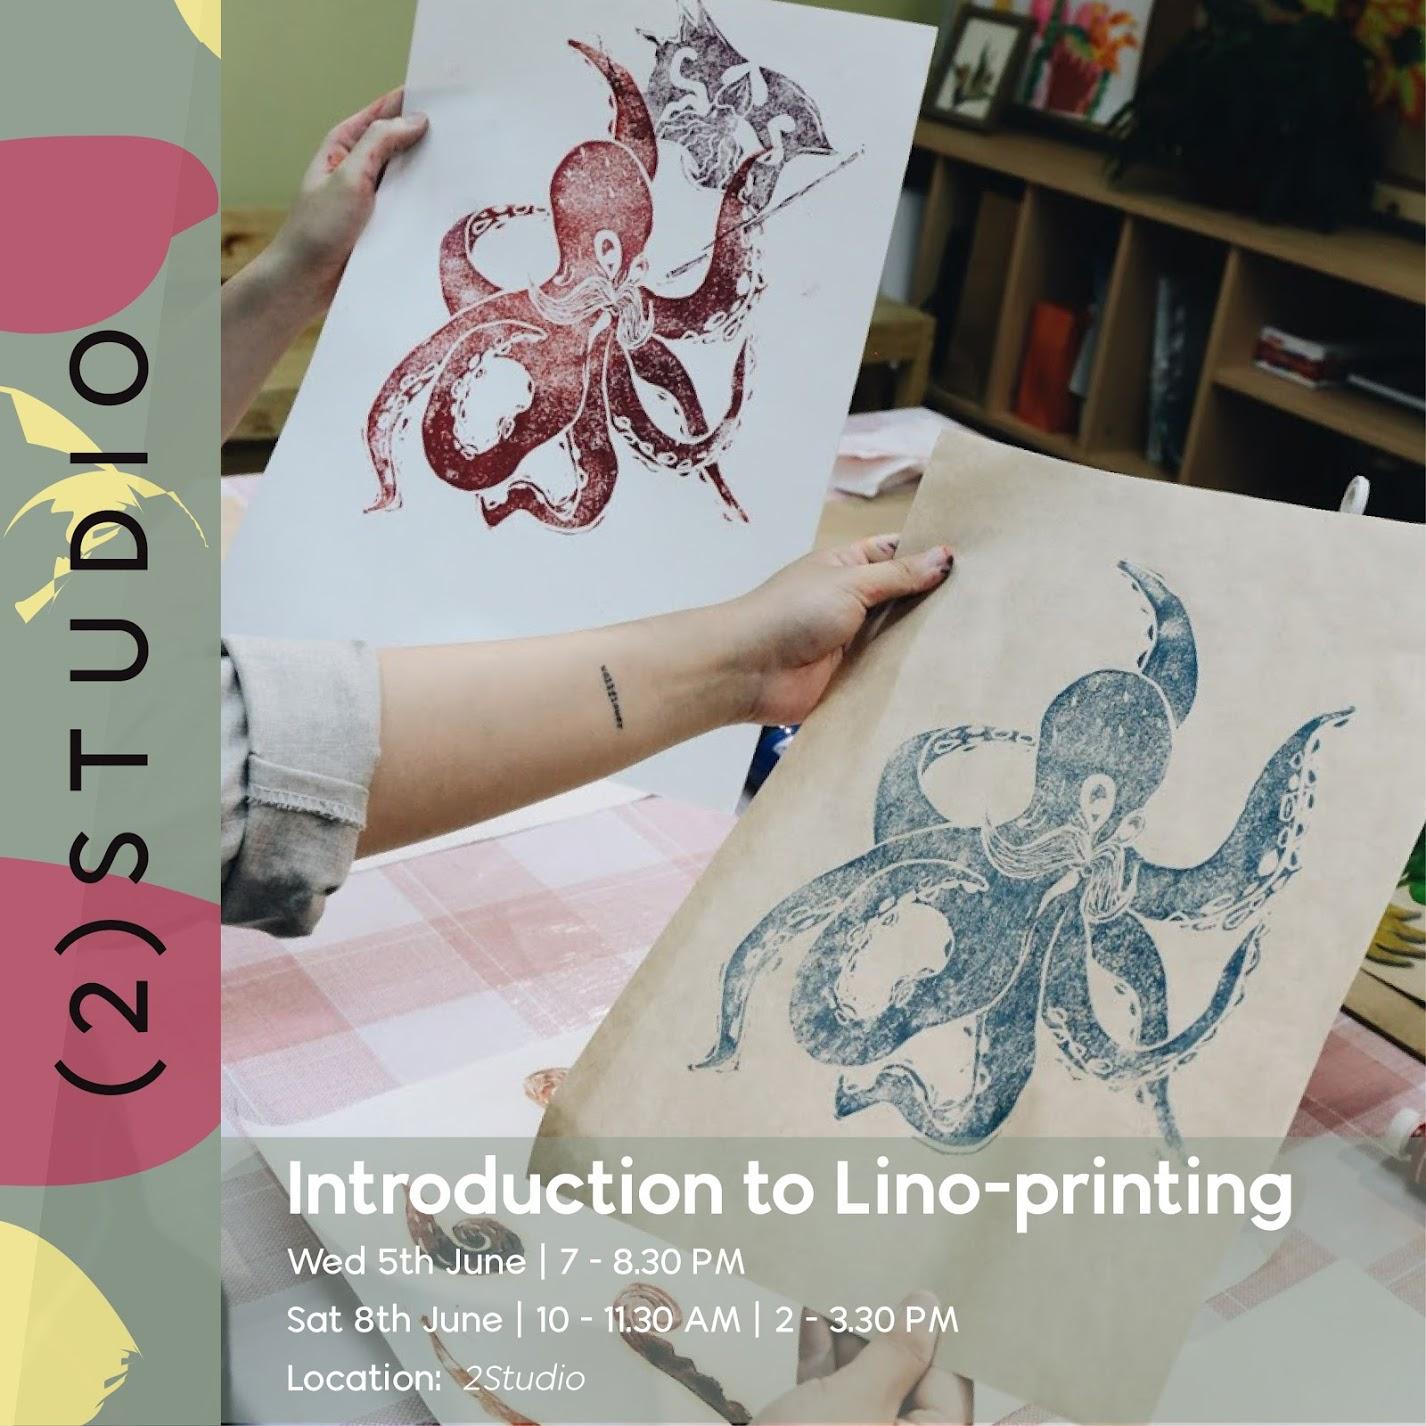 introduction week lino-printing-01.jpg